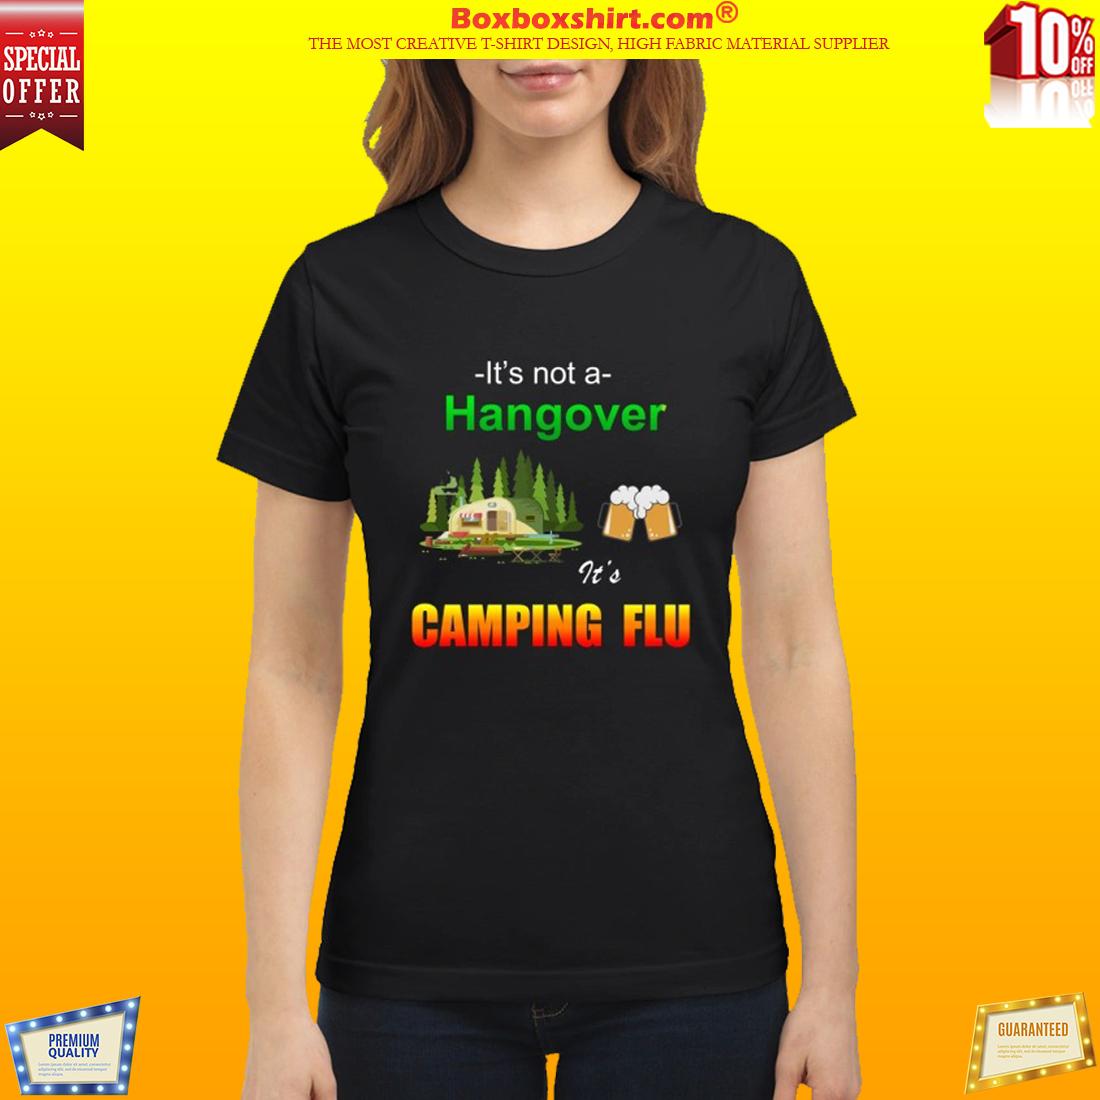 It's not a hangover It's a camping flu shirt